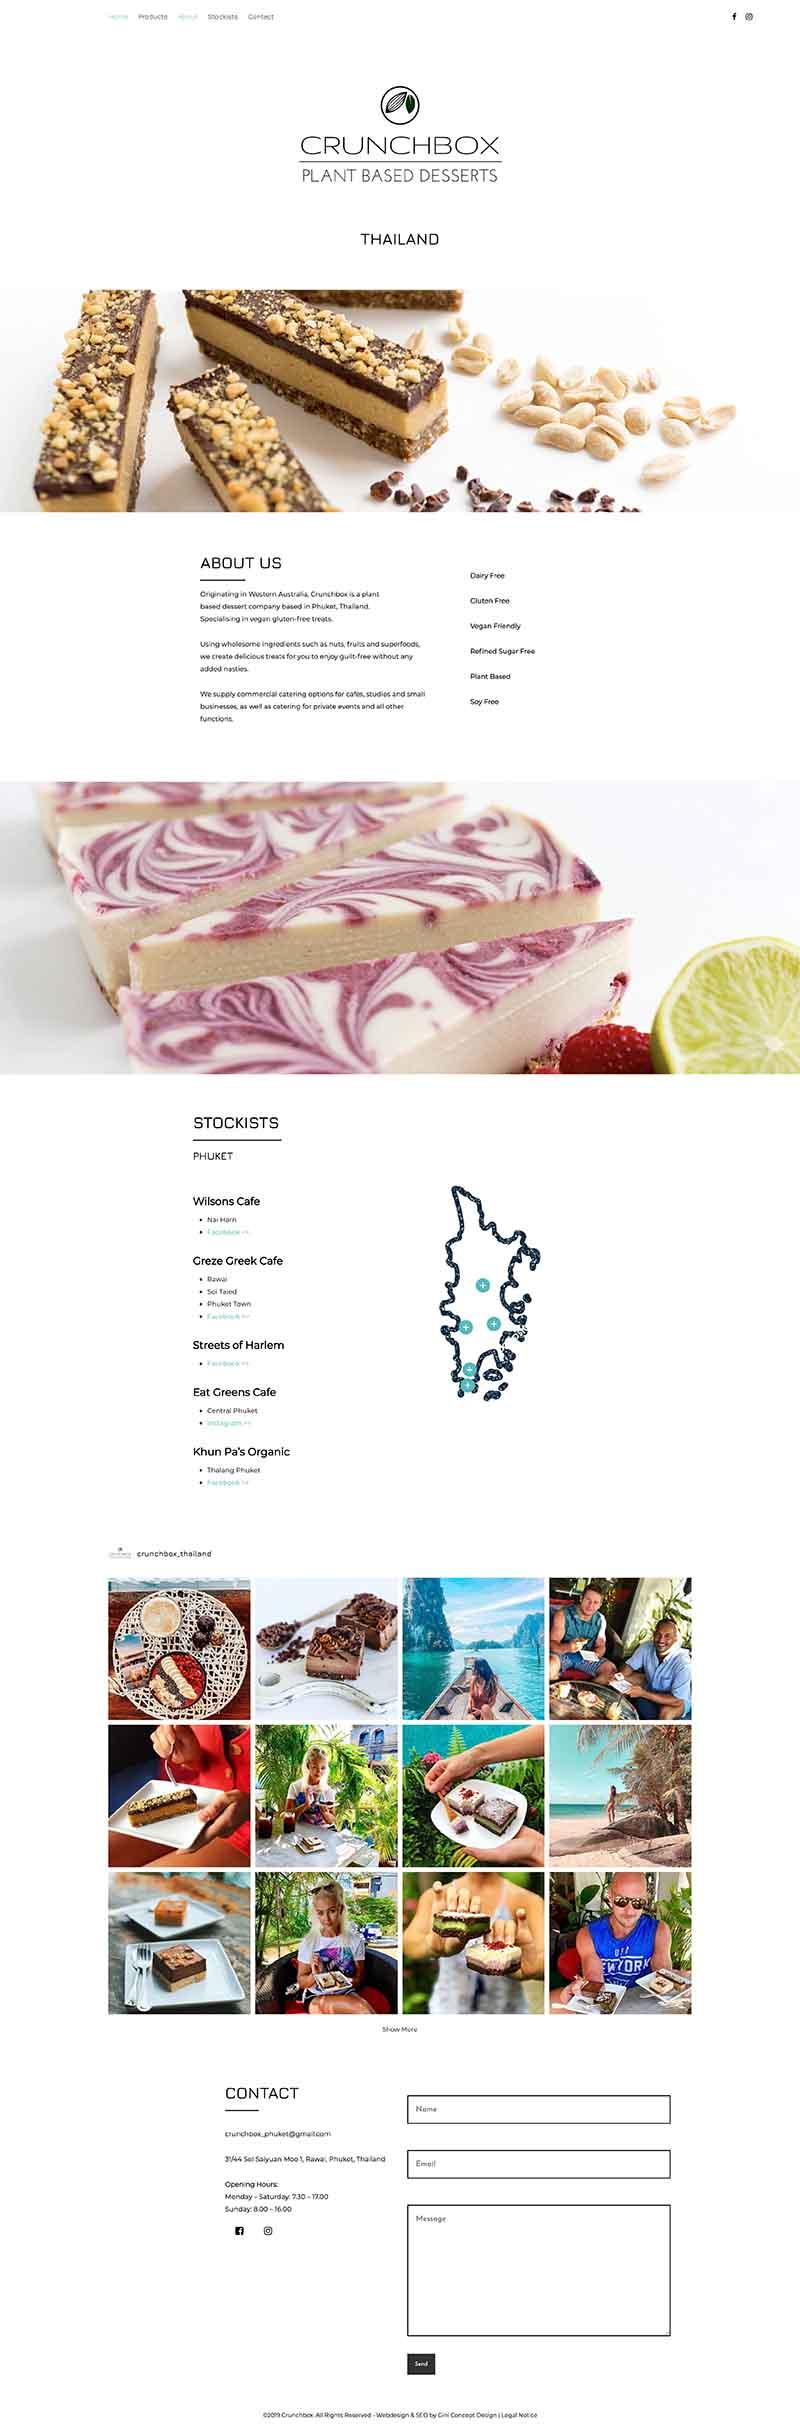 crunchbox-screenshot-gini-concept-design